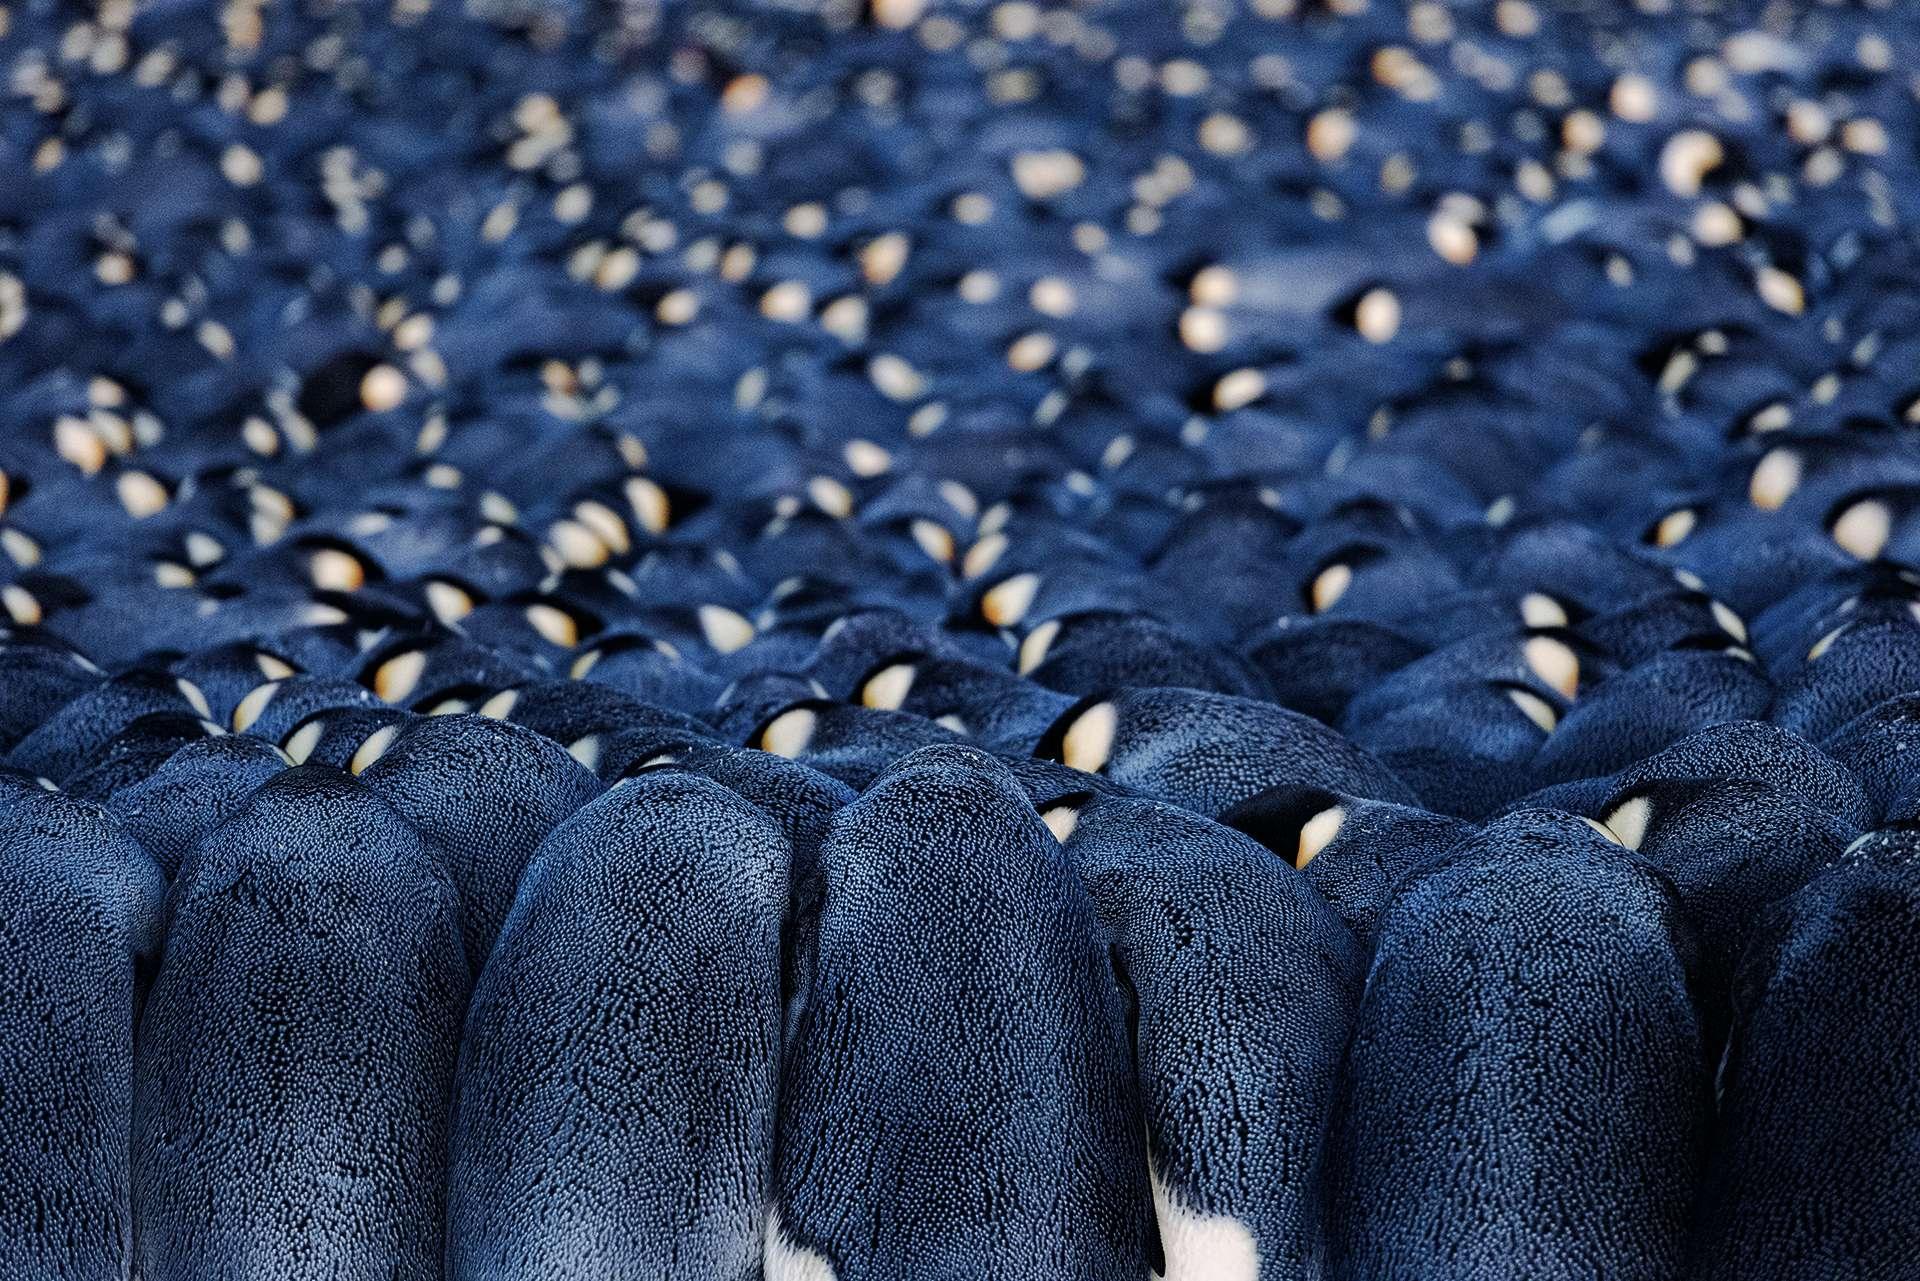 阿卡特灣的皇帝企鵝群,雄企鵝擠在一起度過長達兩個月的極夜,每一隻企鵝腳上都有一個蛋。雌企鵝在交配產卵後已回到大海覓食。雄企鵝緊緊擠成一團,有時分開時會飄著熱氣,彷彿剛從蒸氣浴走出來一樣。 PHOTO: STEFAN CHRISTMANN